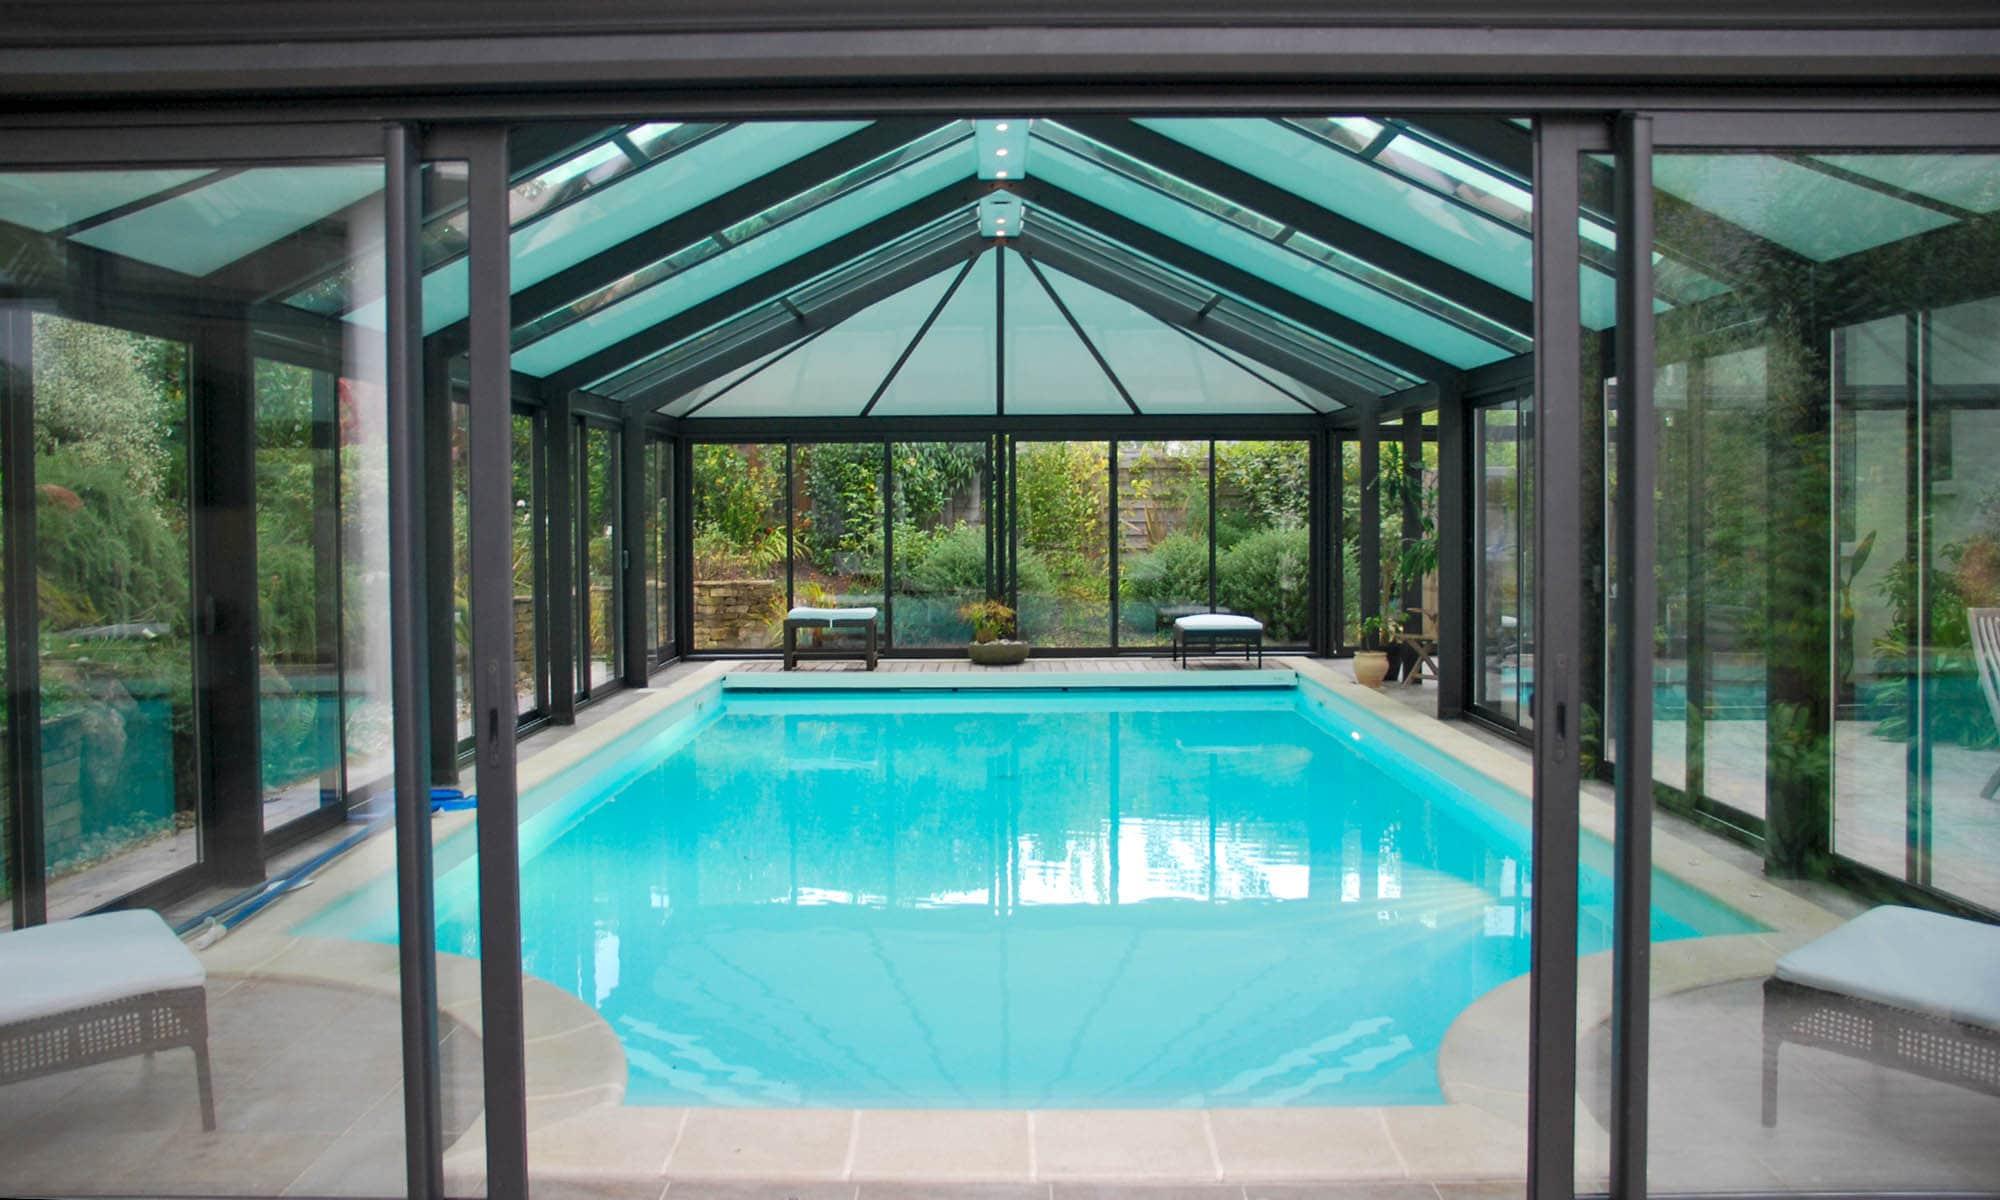 veranda-piscine-bleu